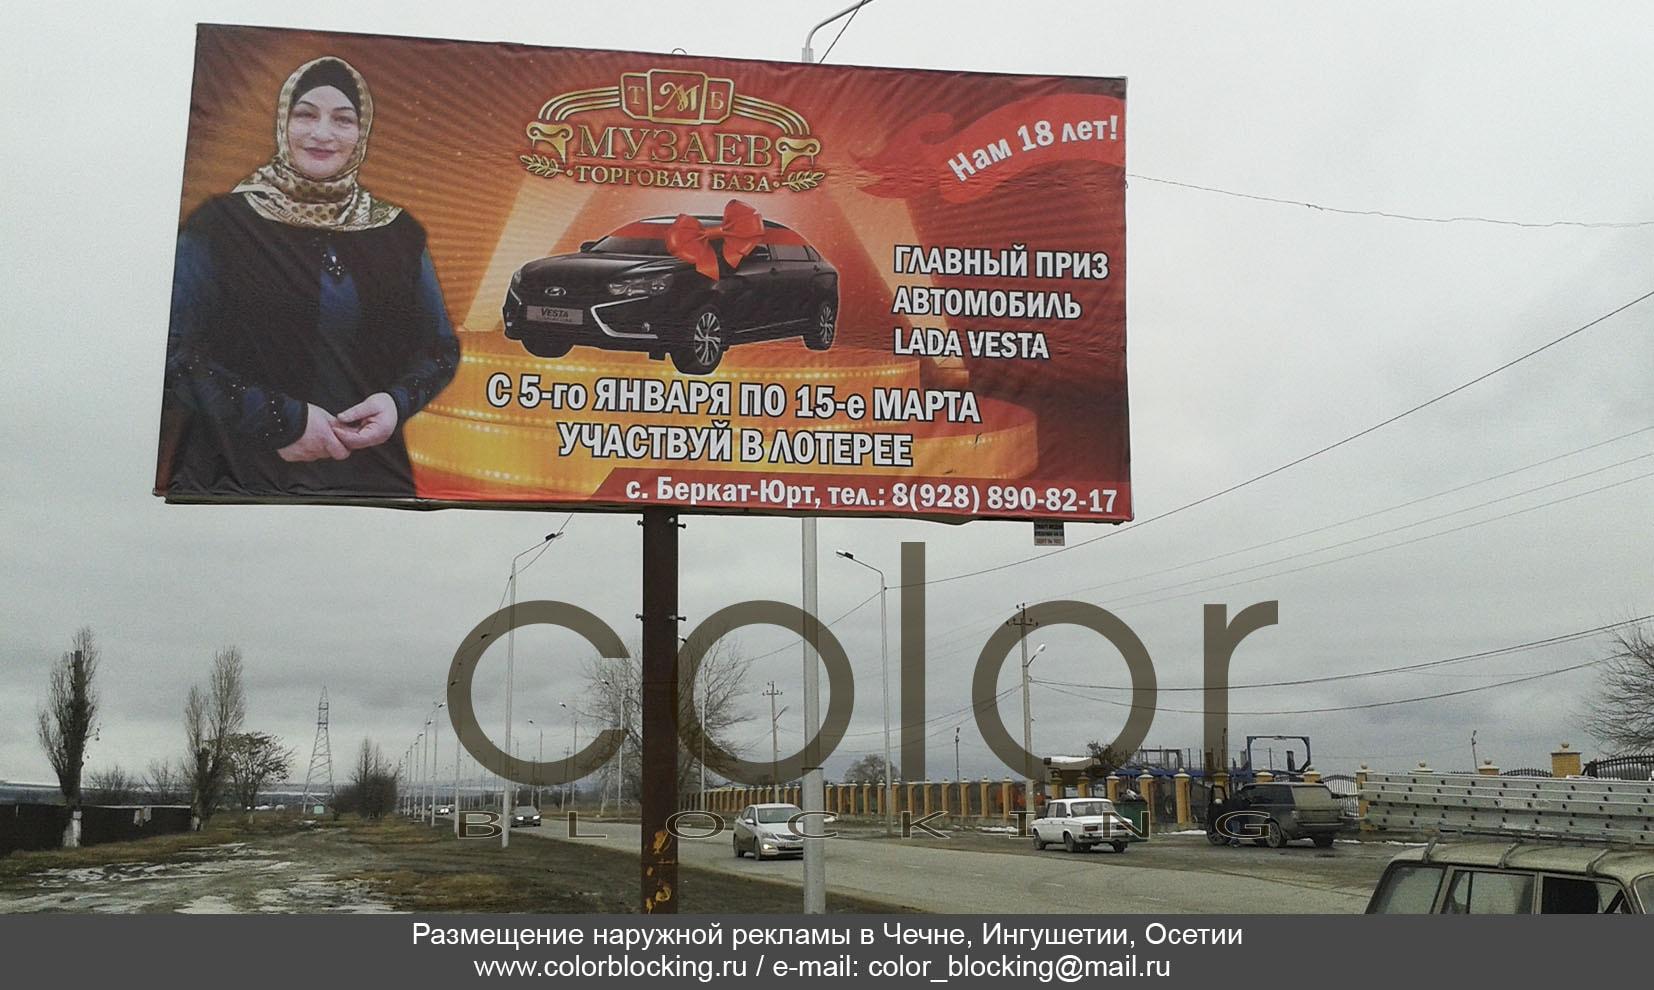 Чечня рекламные щиты улицы